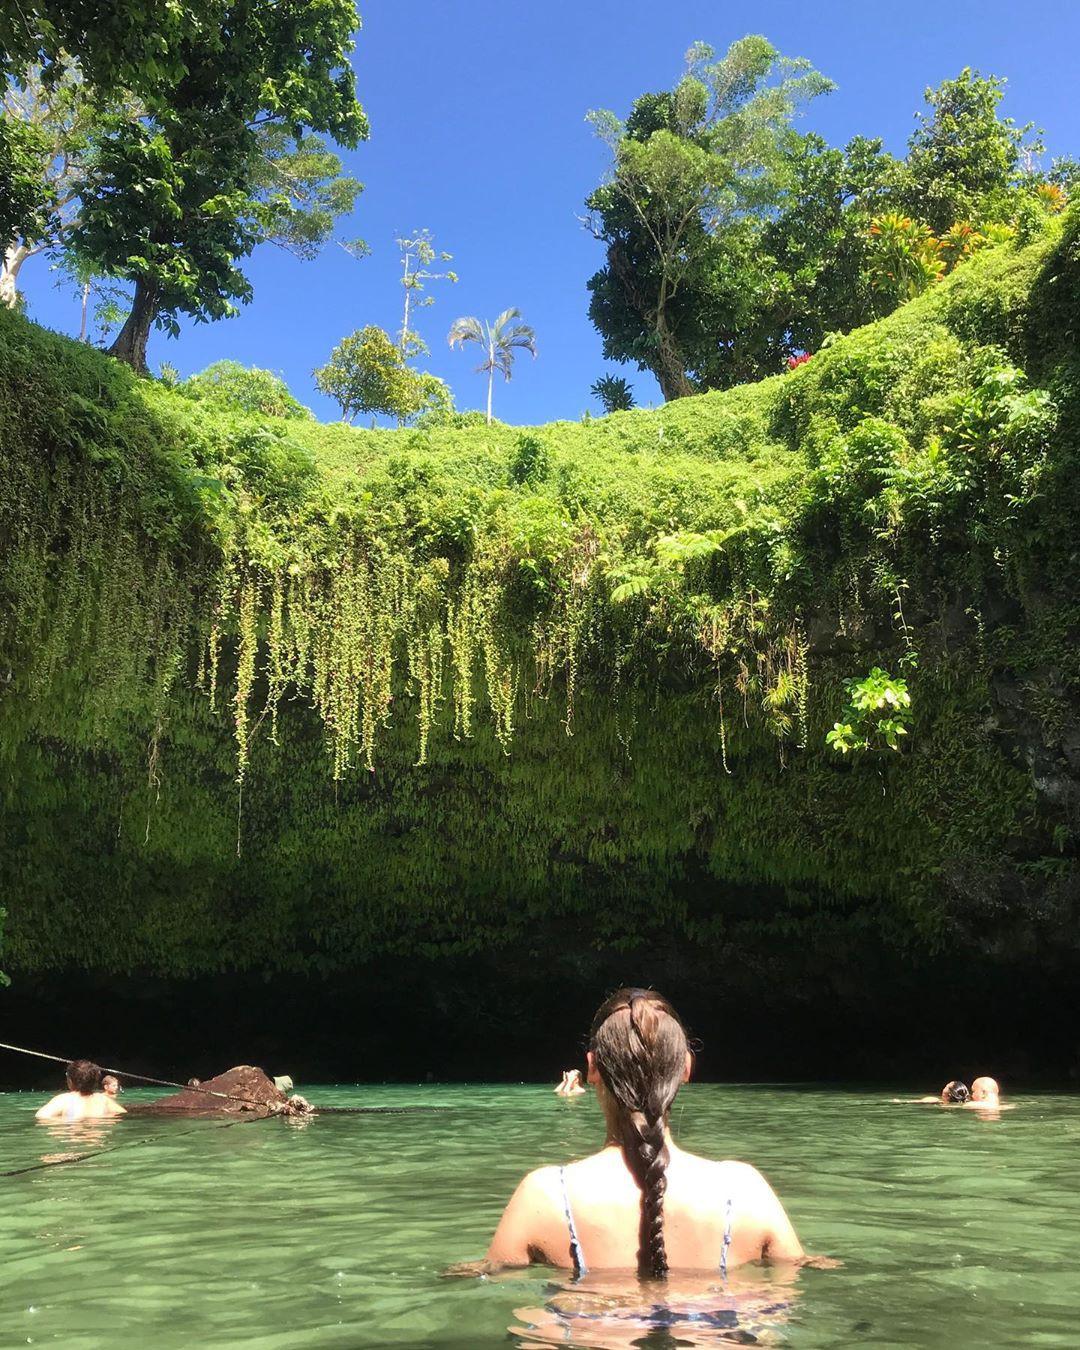 VZN News: Hồ bơi tự nhiên đẹp nhất thế giới nằm ở quốc gia ít người biết nhưng ai đã đến một lần thì đảm bảo mê cả đời! - Ảnh 2.